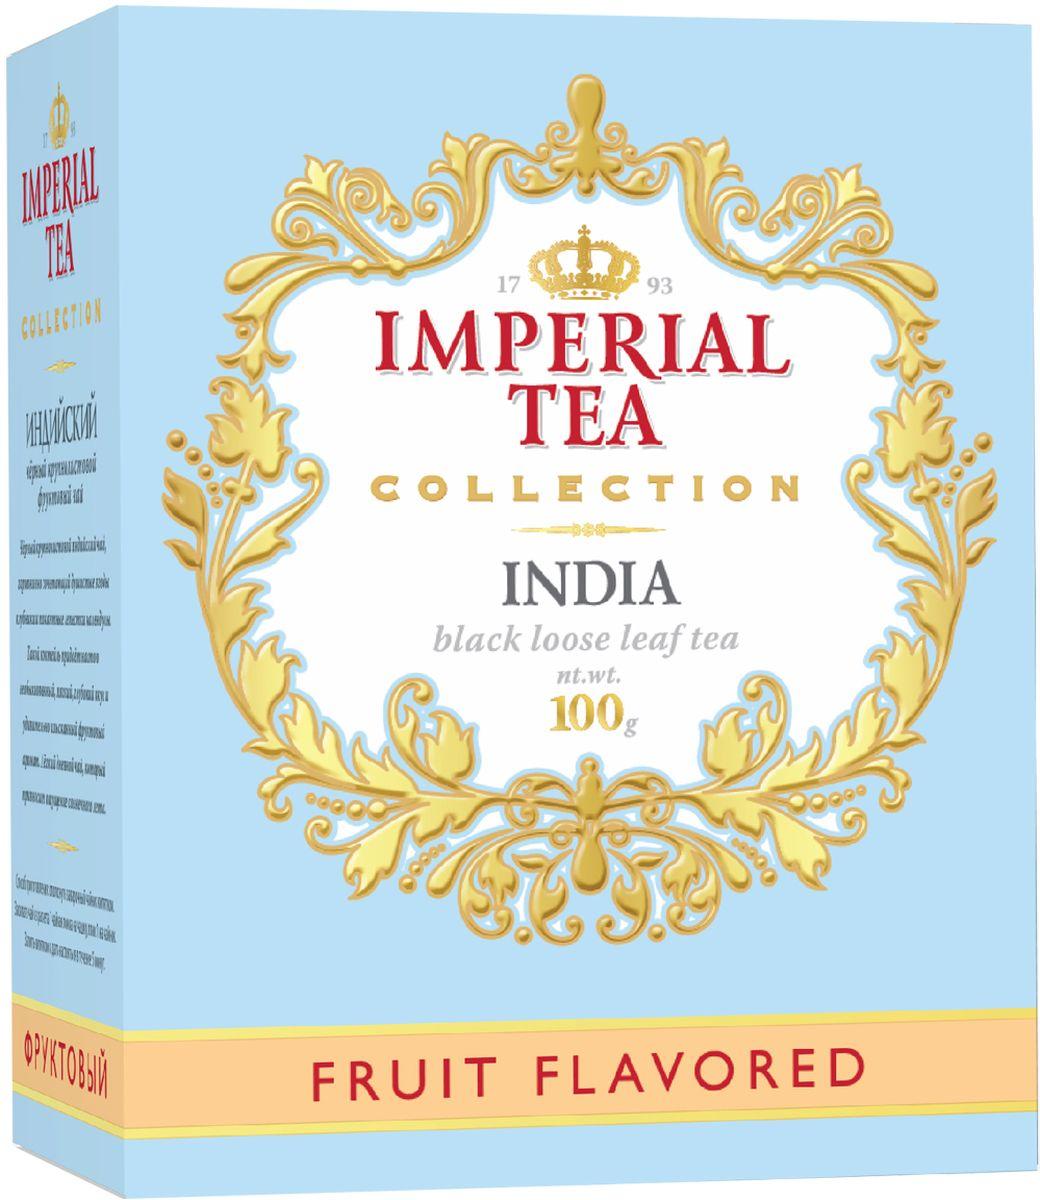 Императорский чай Collection Фруктовый, 100 г императорский чай collection фруктовый 25 шт